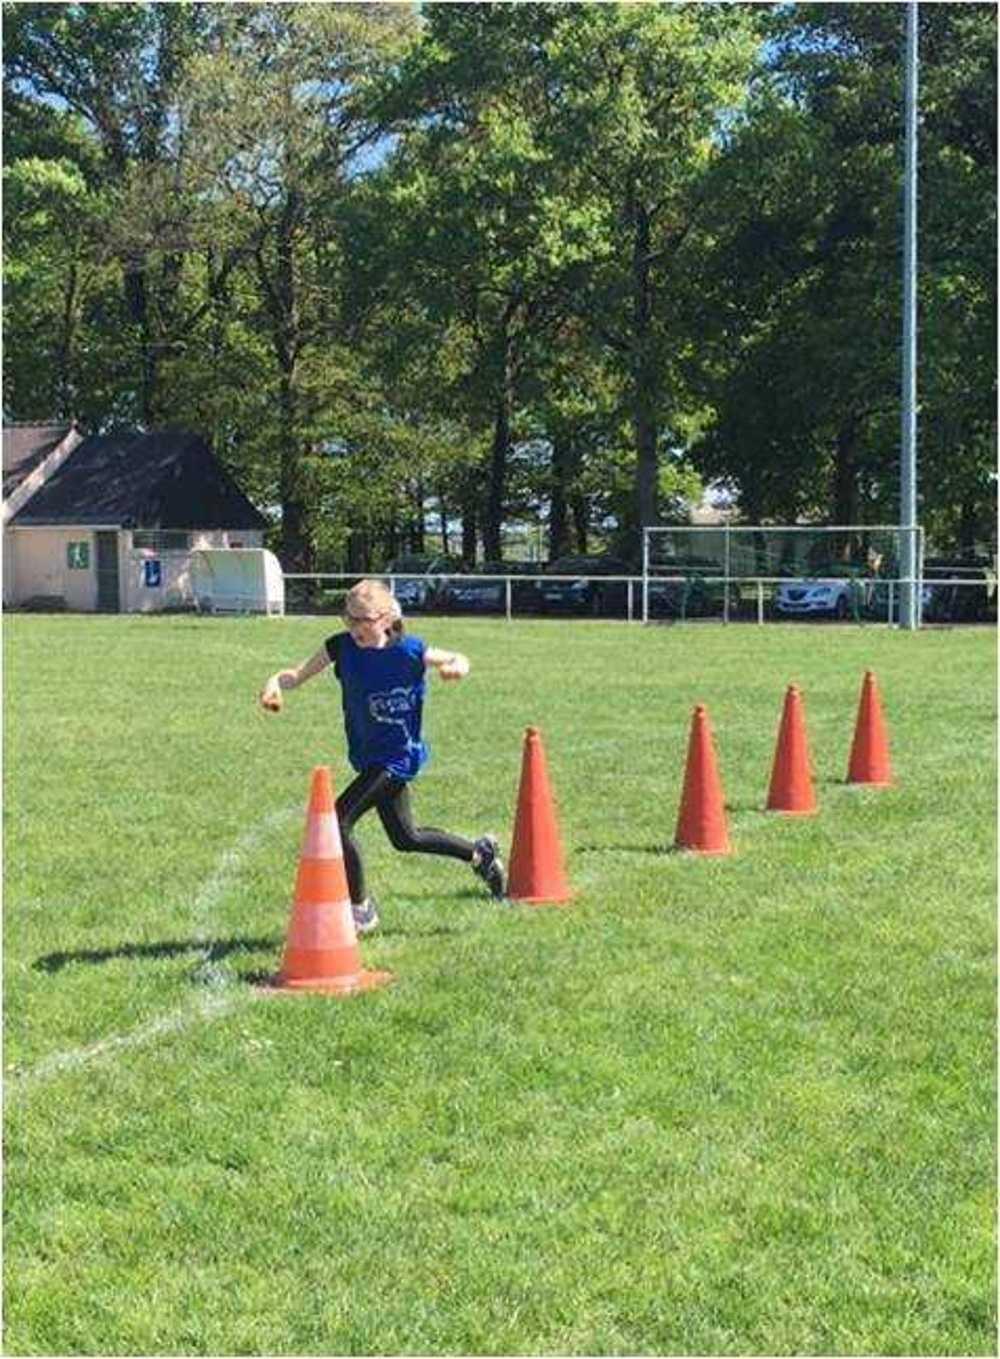 AS22 : Photos de la rencontre d''athlétisme image2